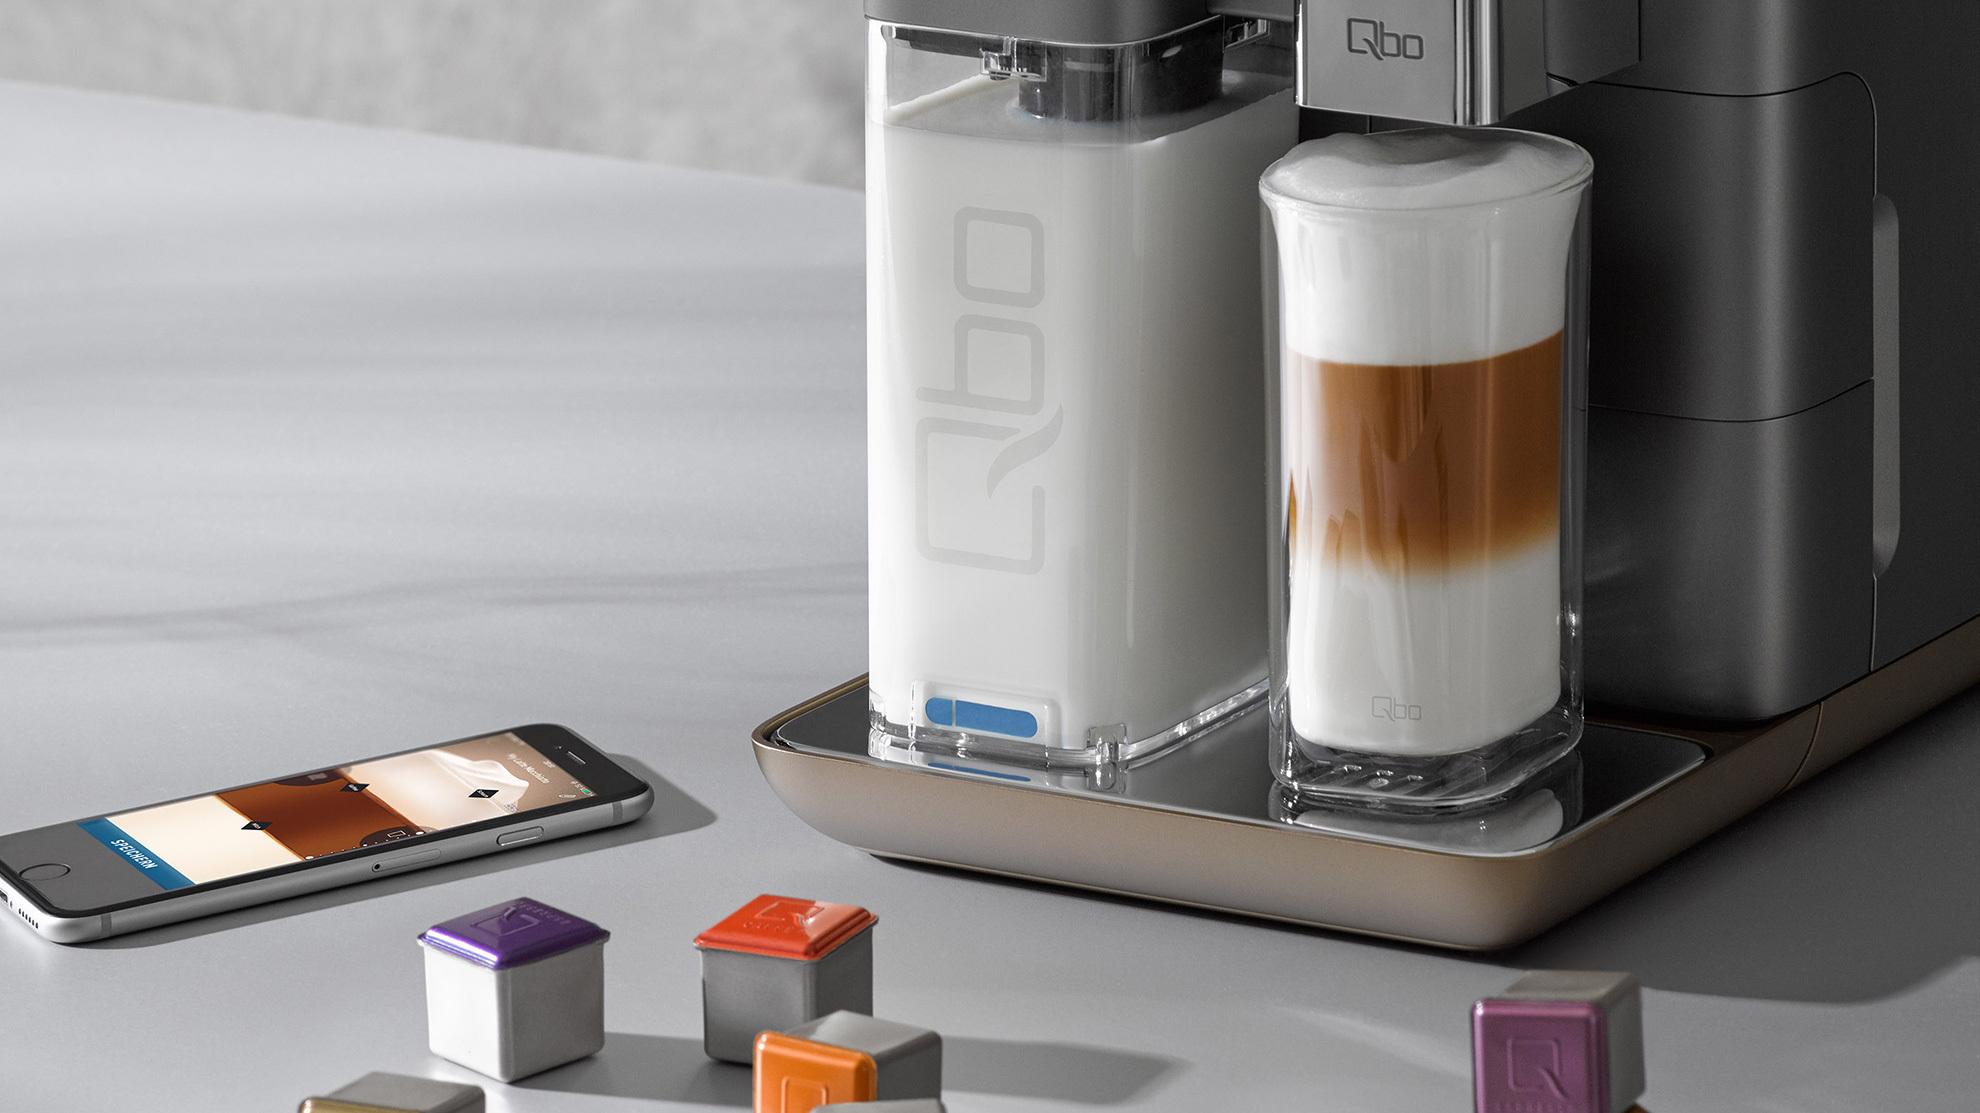 tchibo stellt vernetztes kaffeesystem qbo vor heise online. Black Bedroom Furniture Sets. Home Design Ideas